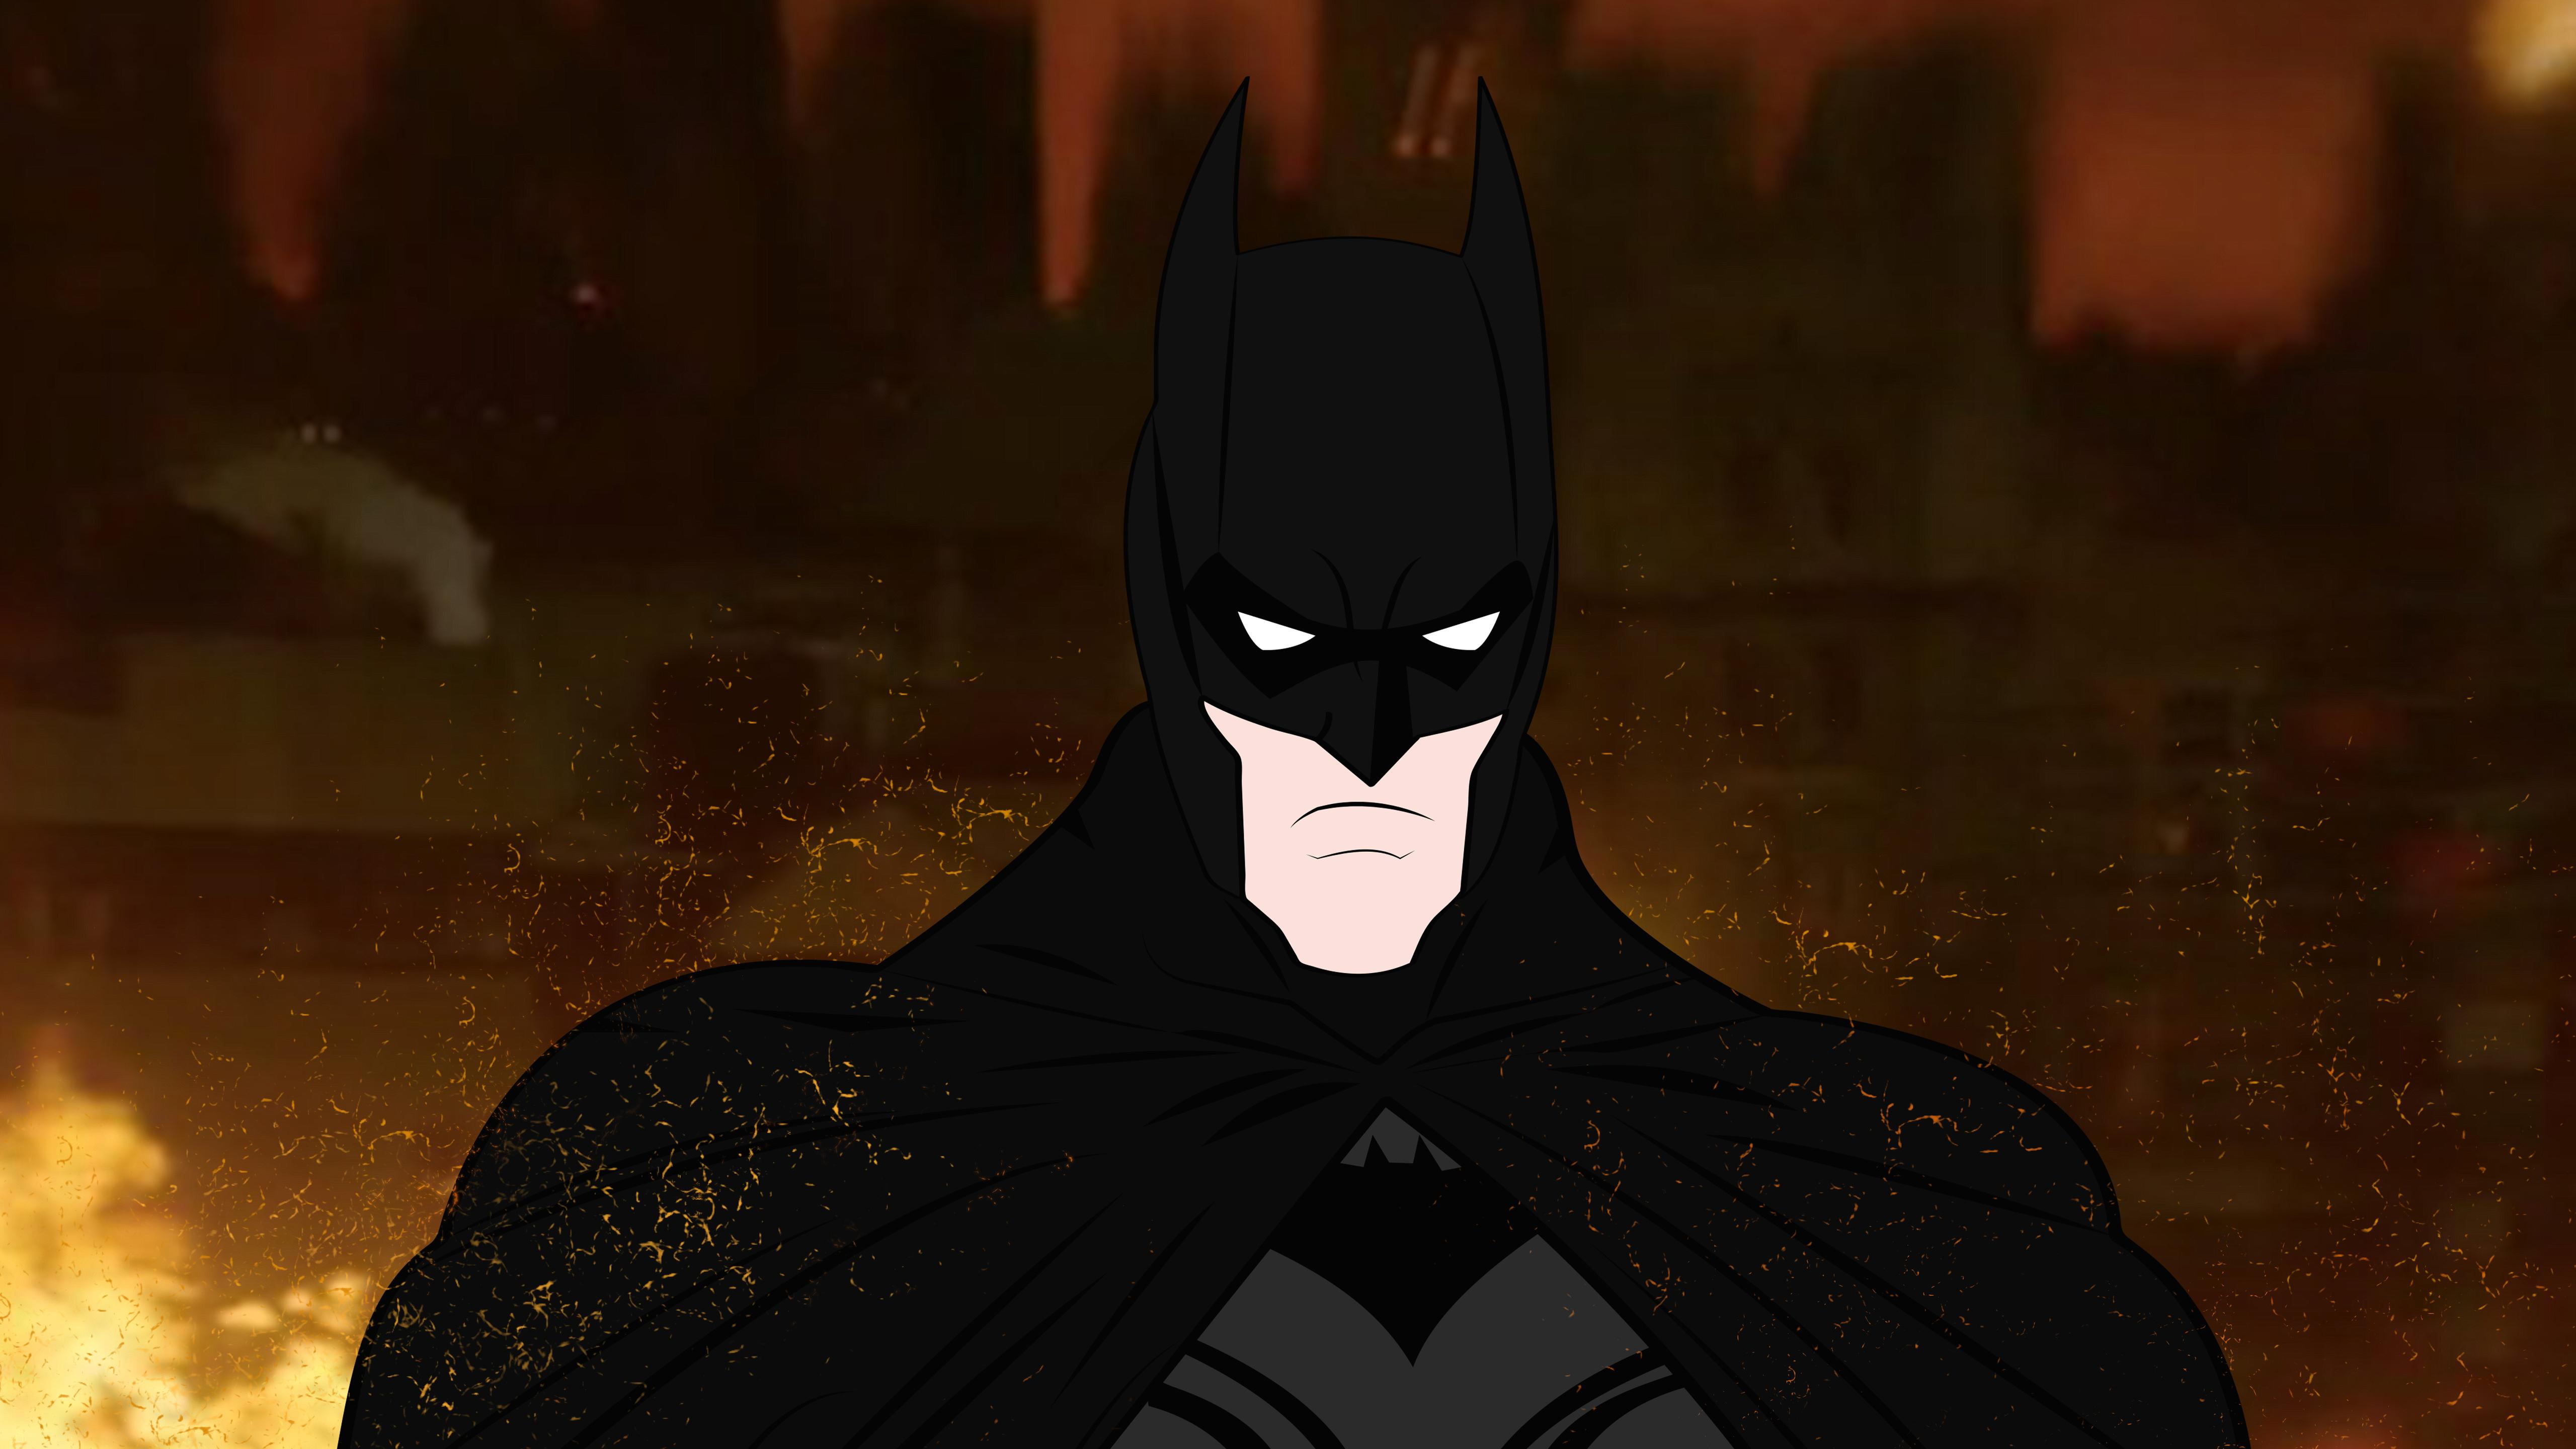 batman-the-anime-series-4k-k3.jpg